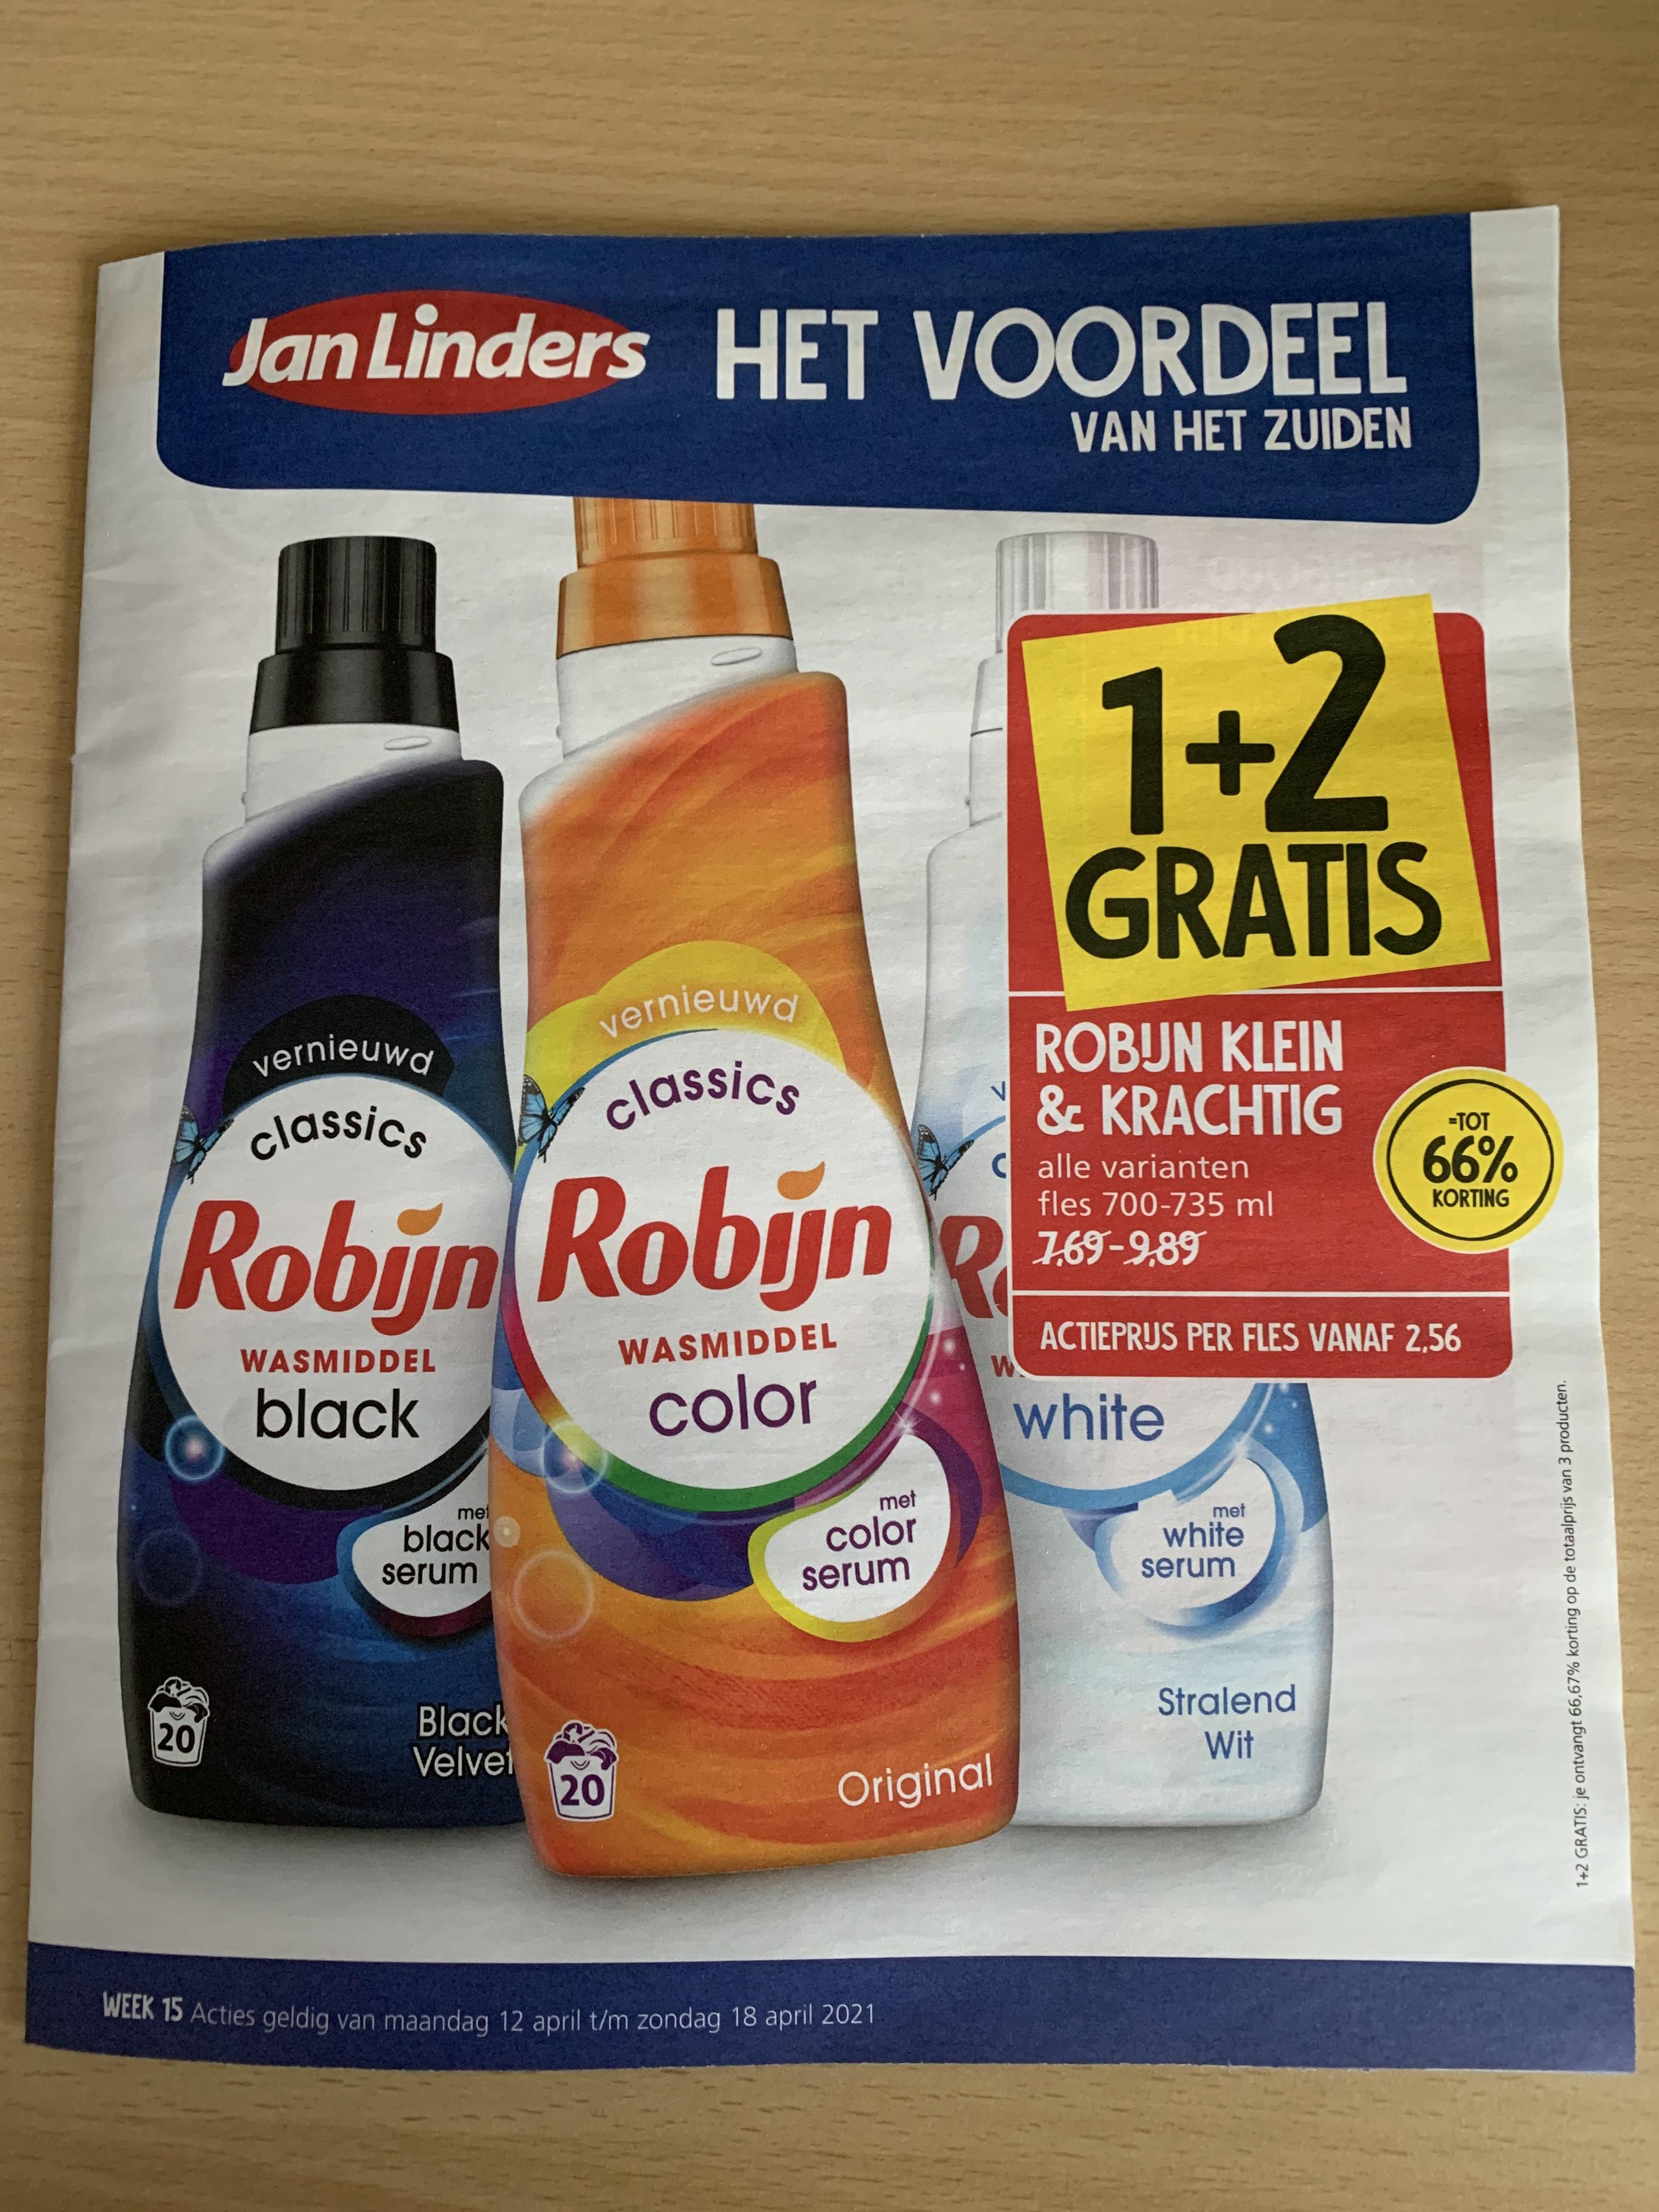 < 1 + 2 gratis > Robijn wasmiddel @ Jan Linders